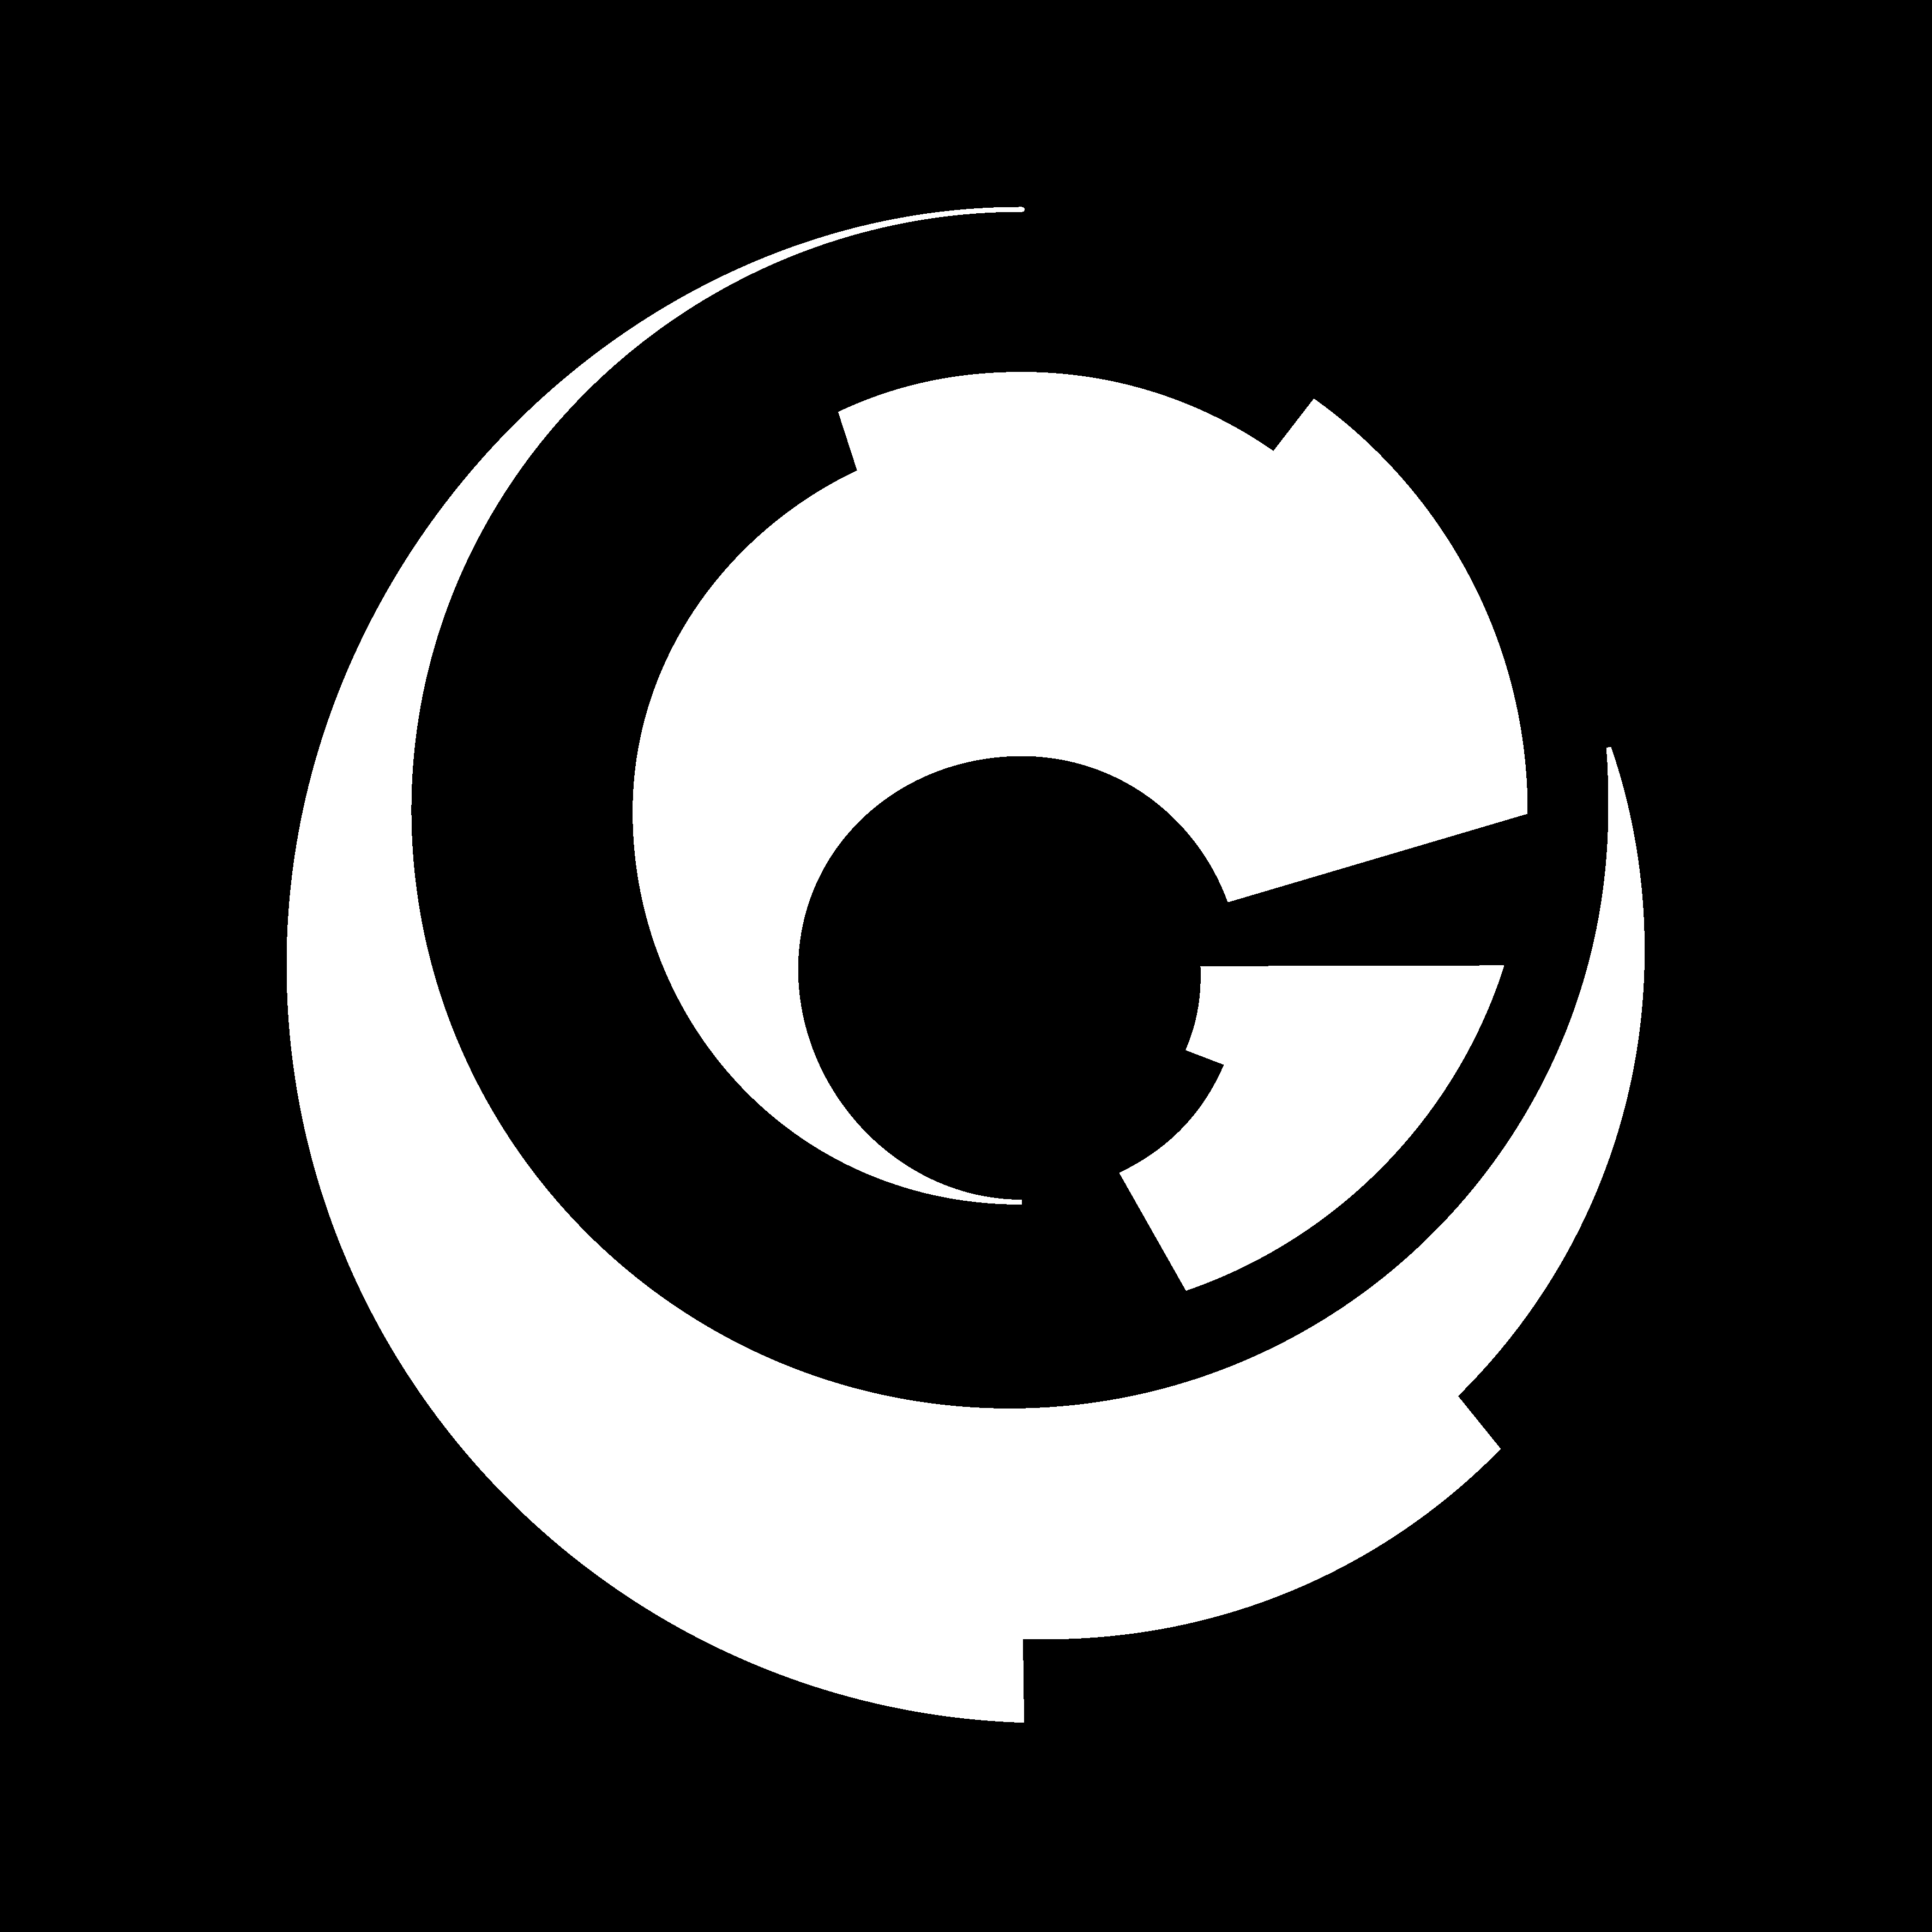 logos mp3: